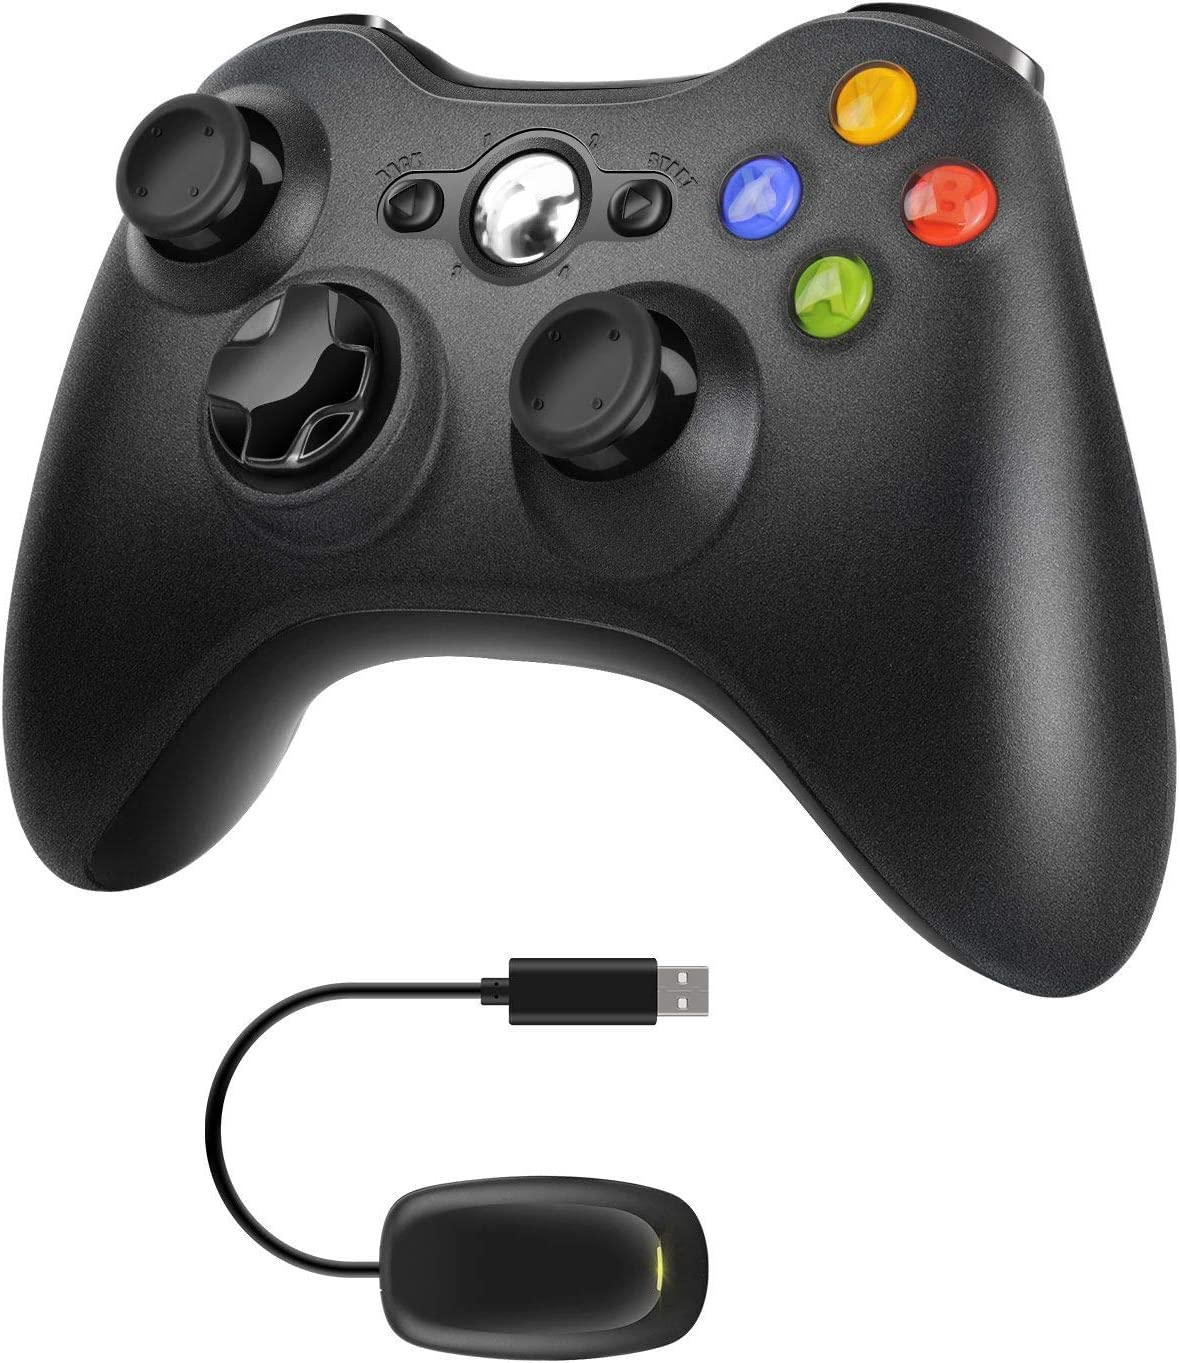 Molyhood Controlador de juego inalámbrico 2.4 G de diseño ergonómico mejorado con doble vibración para Microsoft Xbox y Slim 360 PC Windows 7,8,10 Negro